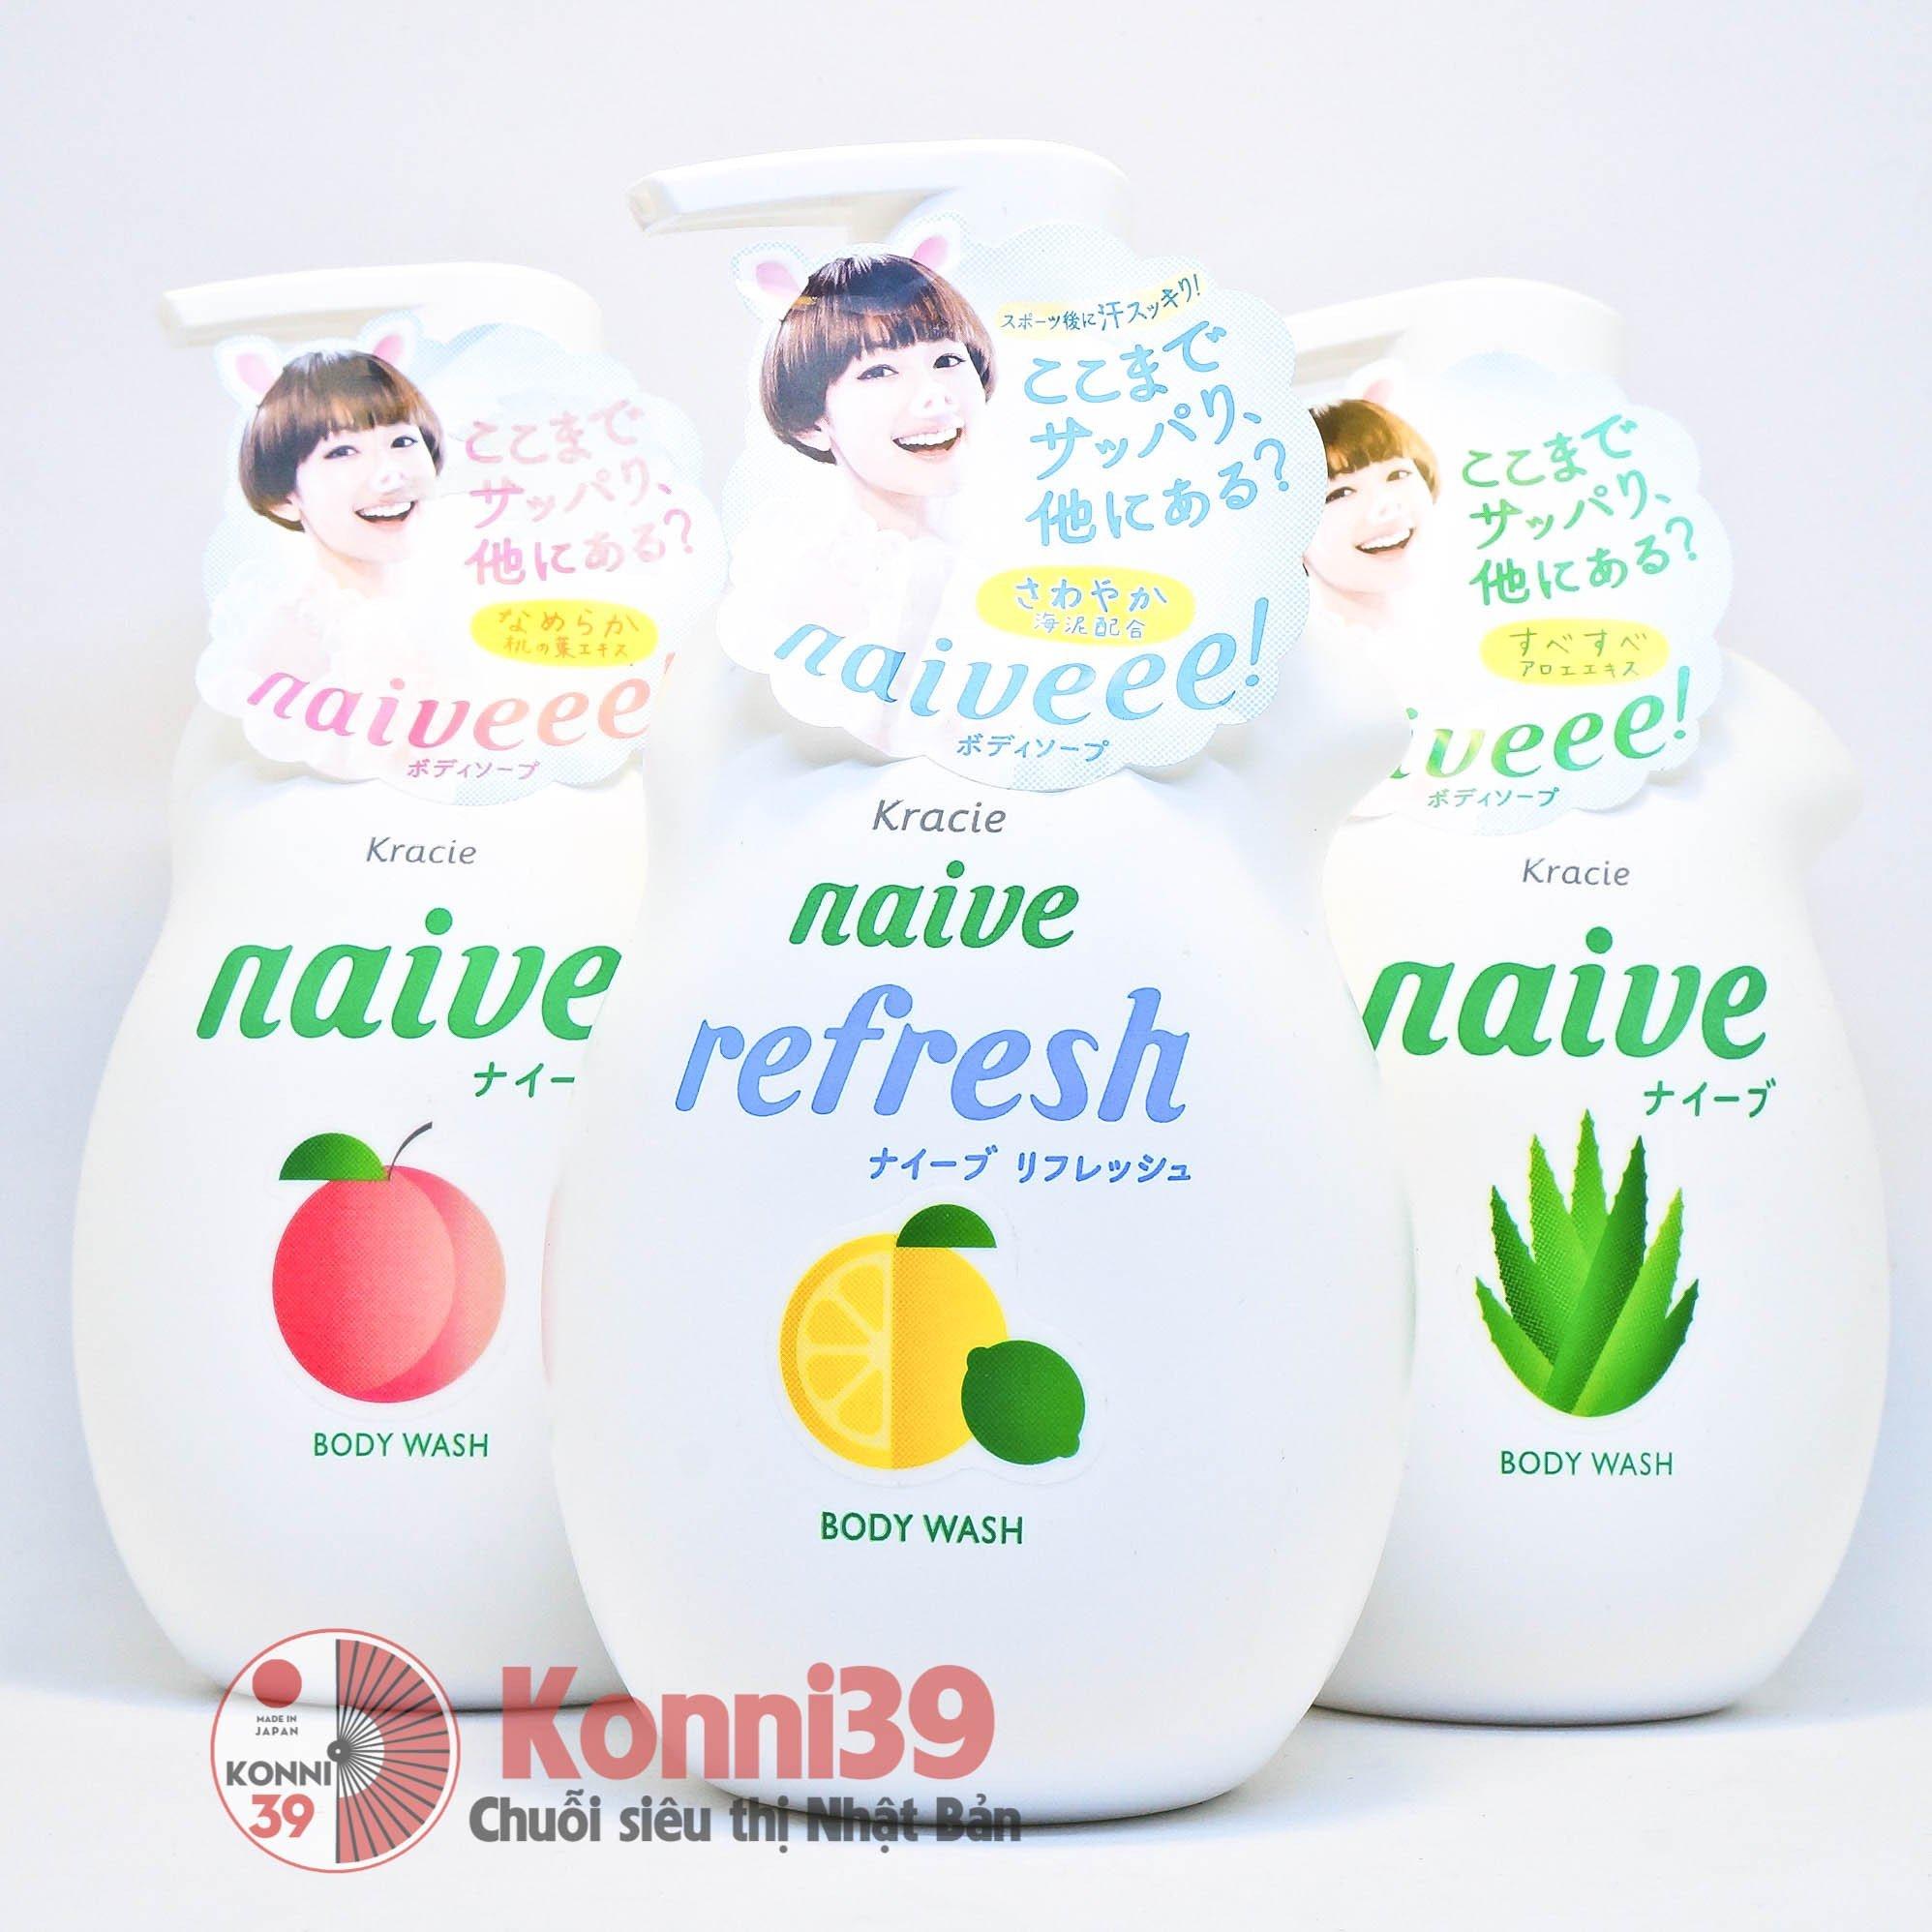 Naive - Sữa tắm được ưa chuộng nhất Nhật Bản?